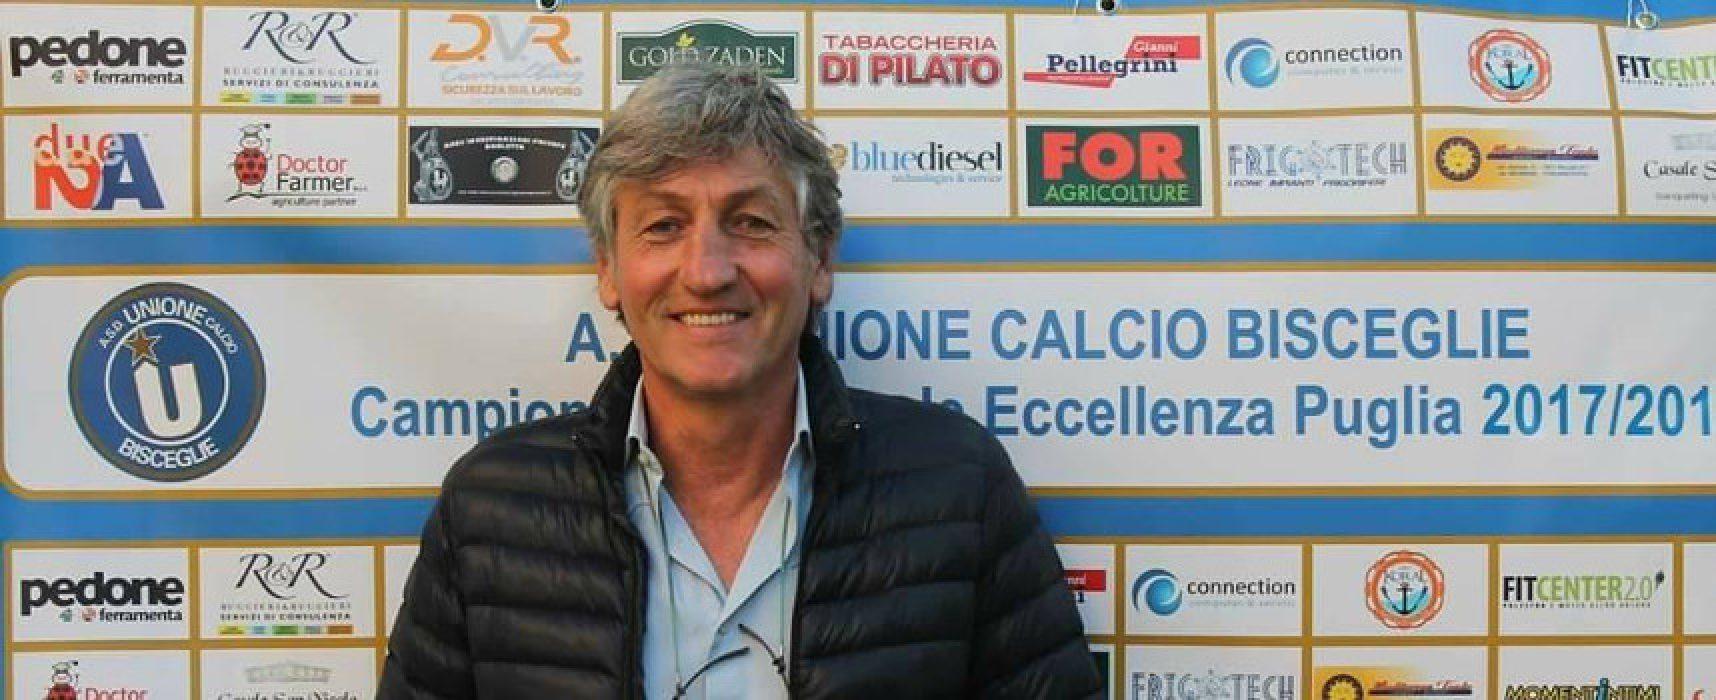 Renzo Ferrante non sarà il responsabile del vivaio Unione Calcio nella prossima stagione